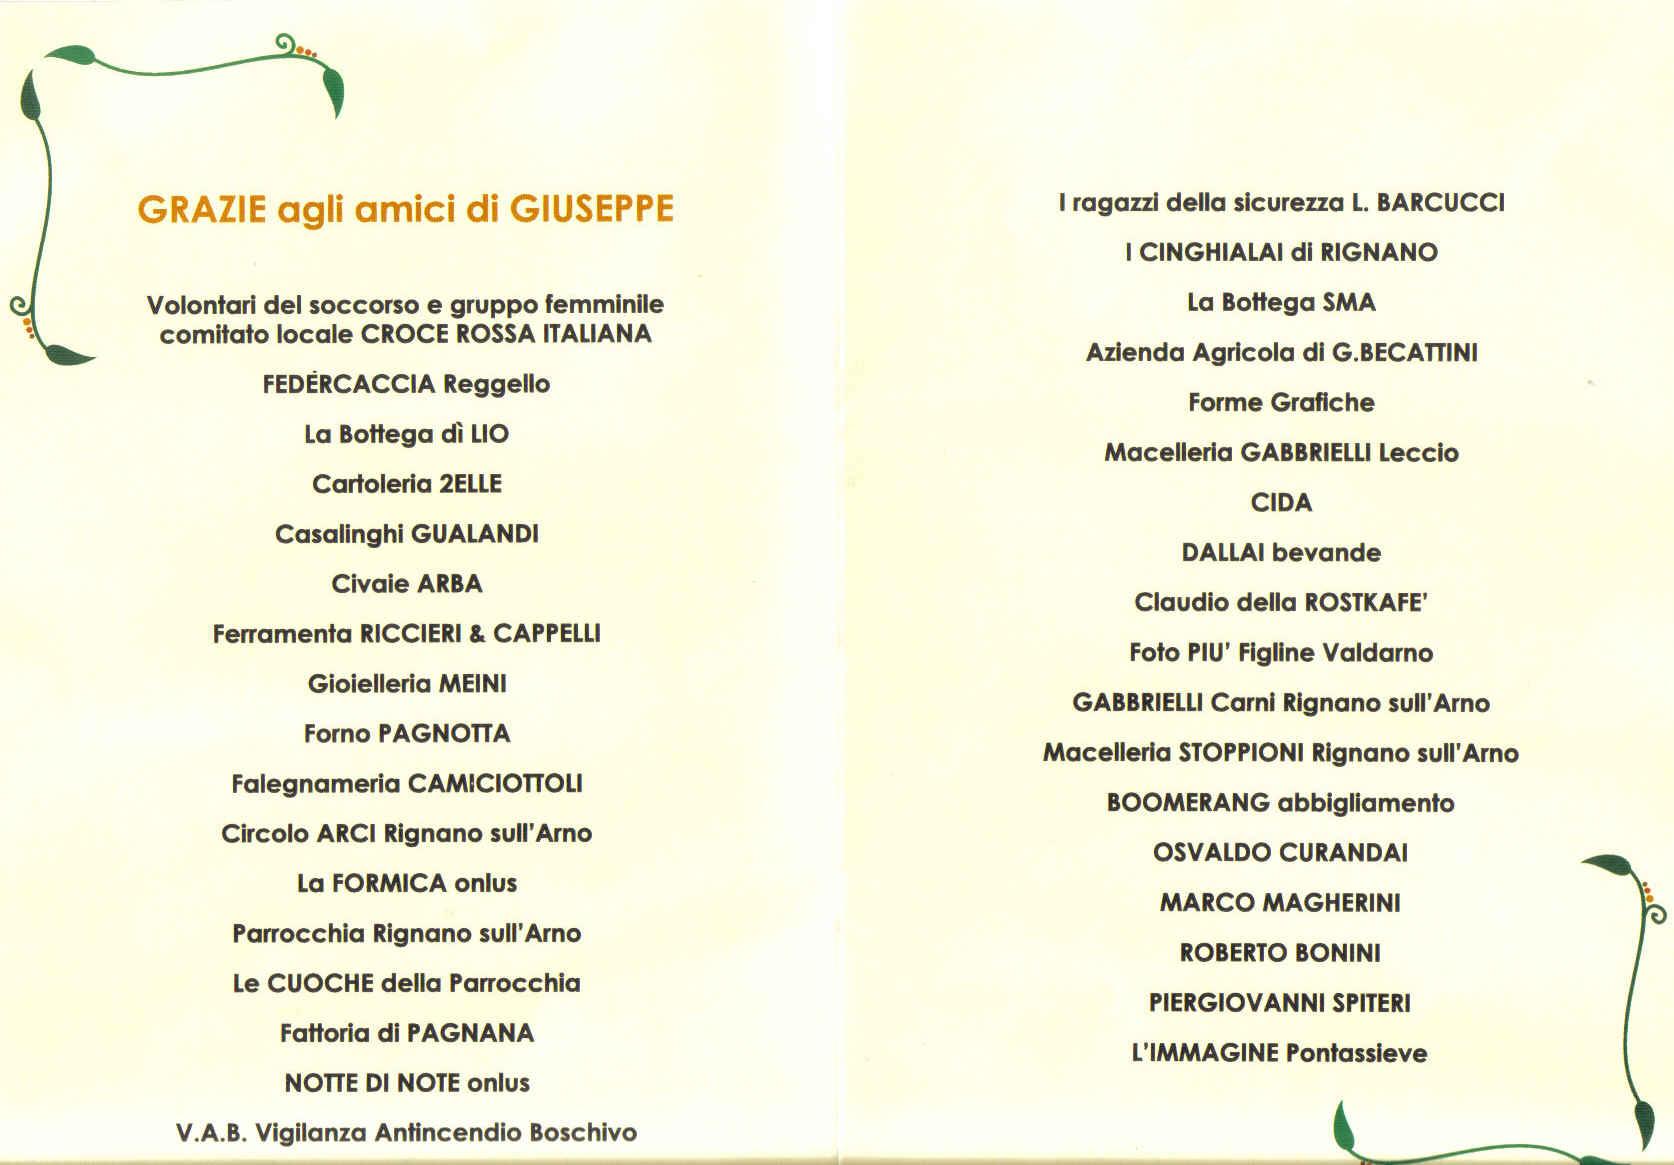 Fondazione Giuseppe Tomasello Onlus